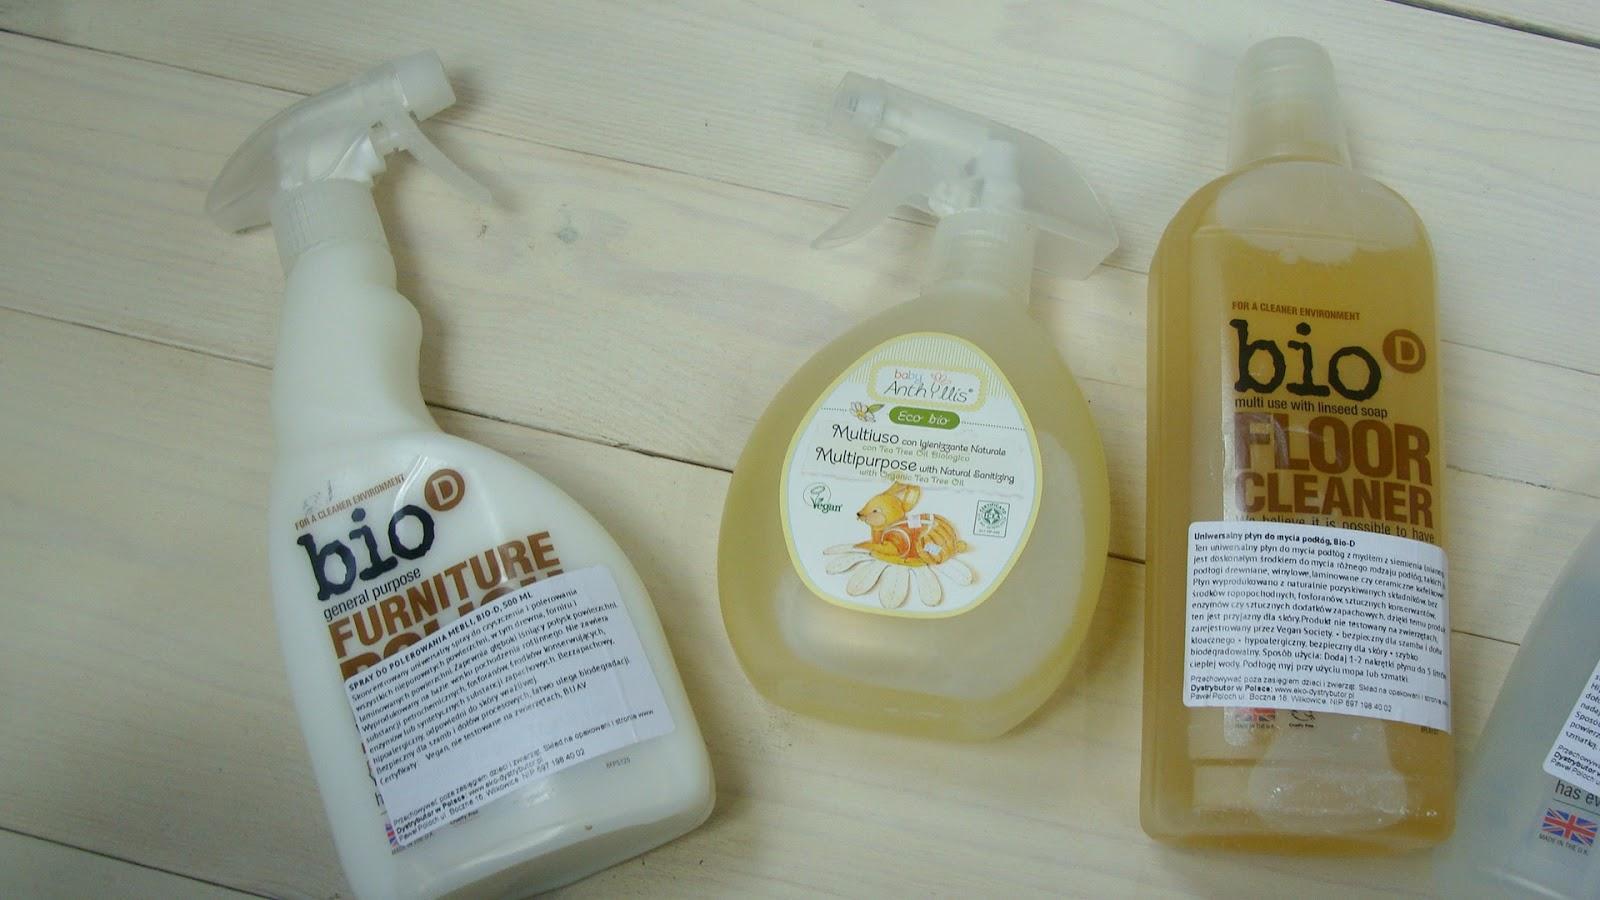 Ekologiczne środki czystości, Bio-D, płyn do podłóg, płyn do mebli, płyn do szyb